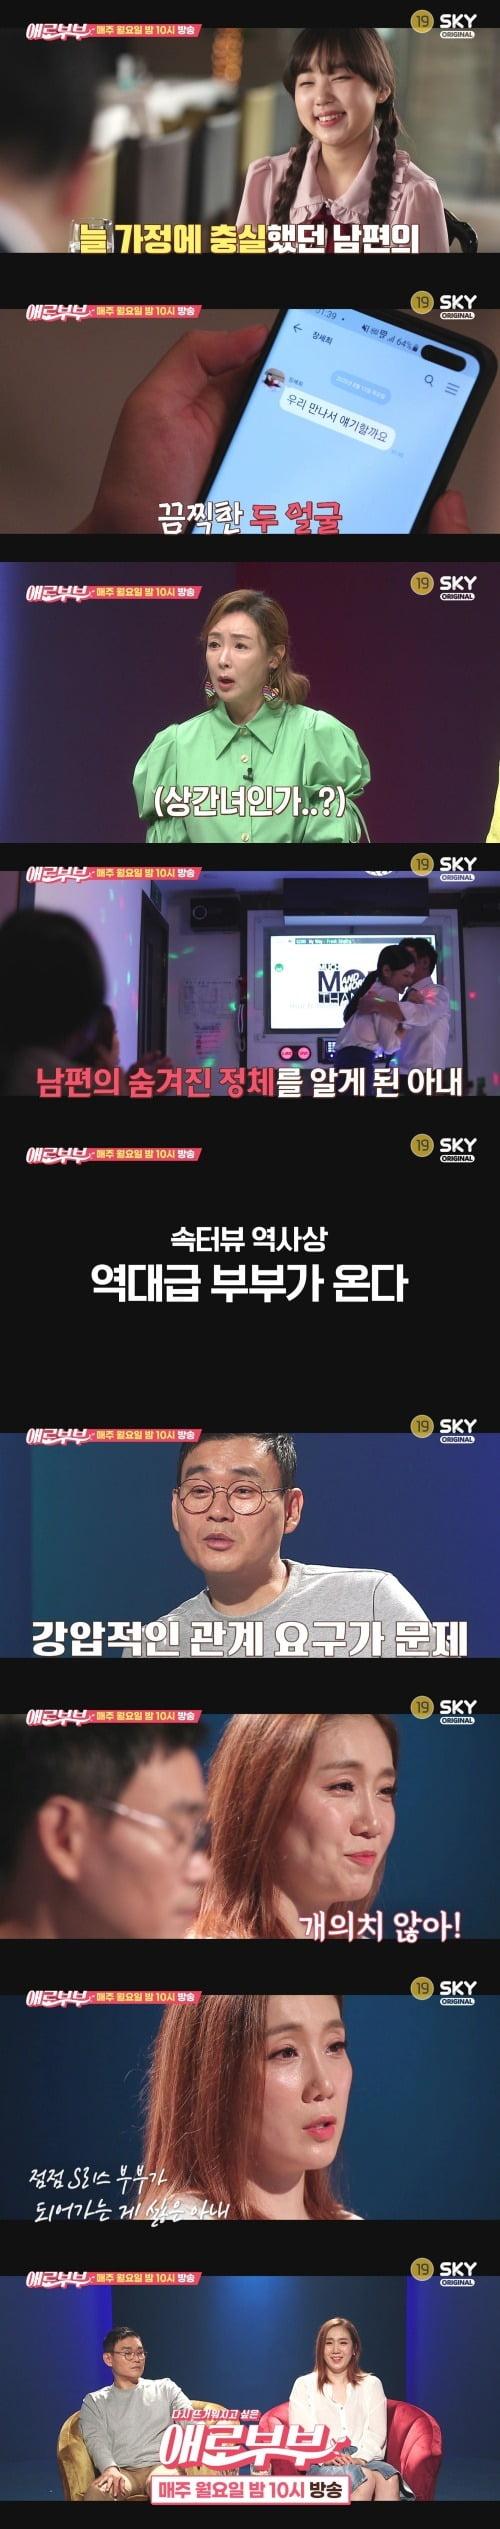 '애로부부' 예고 영상./사진제공=채널A, SKY